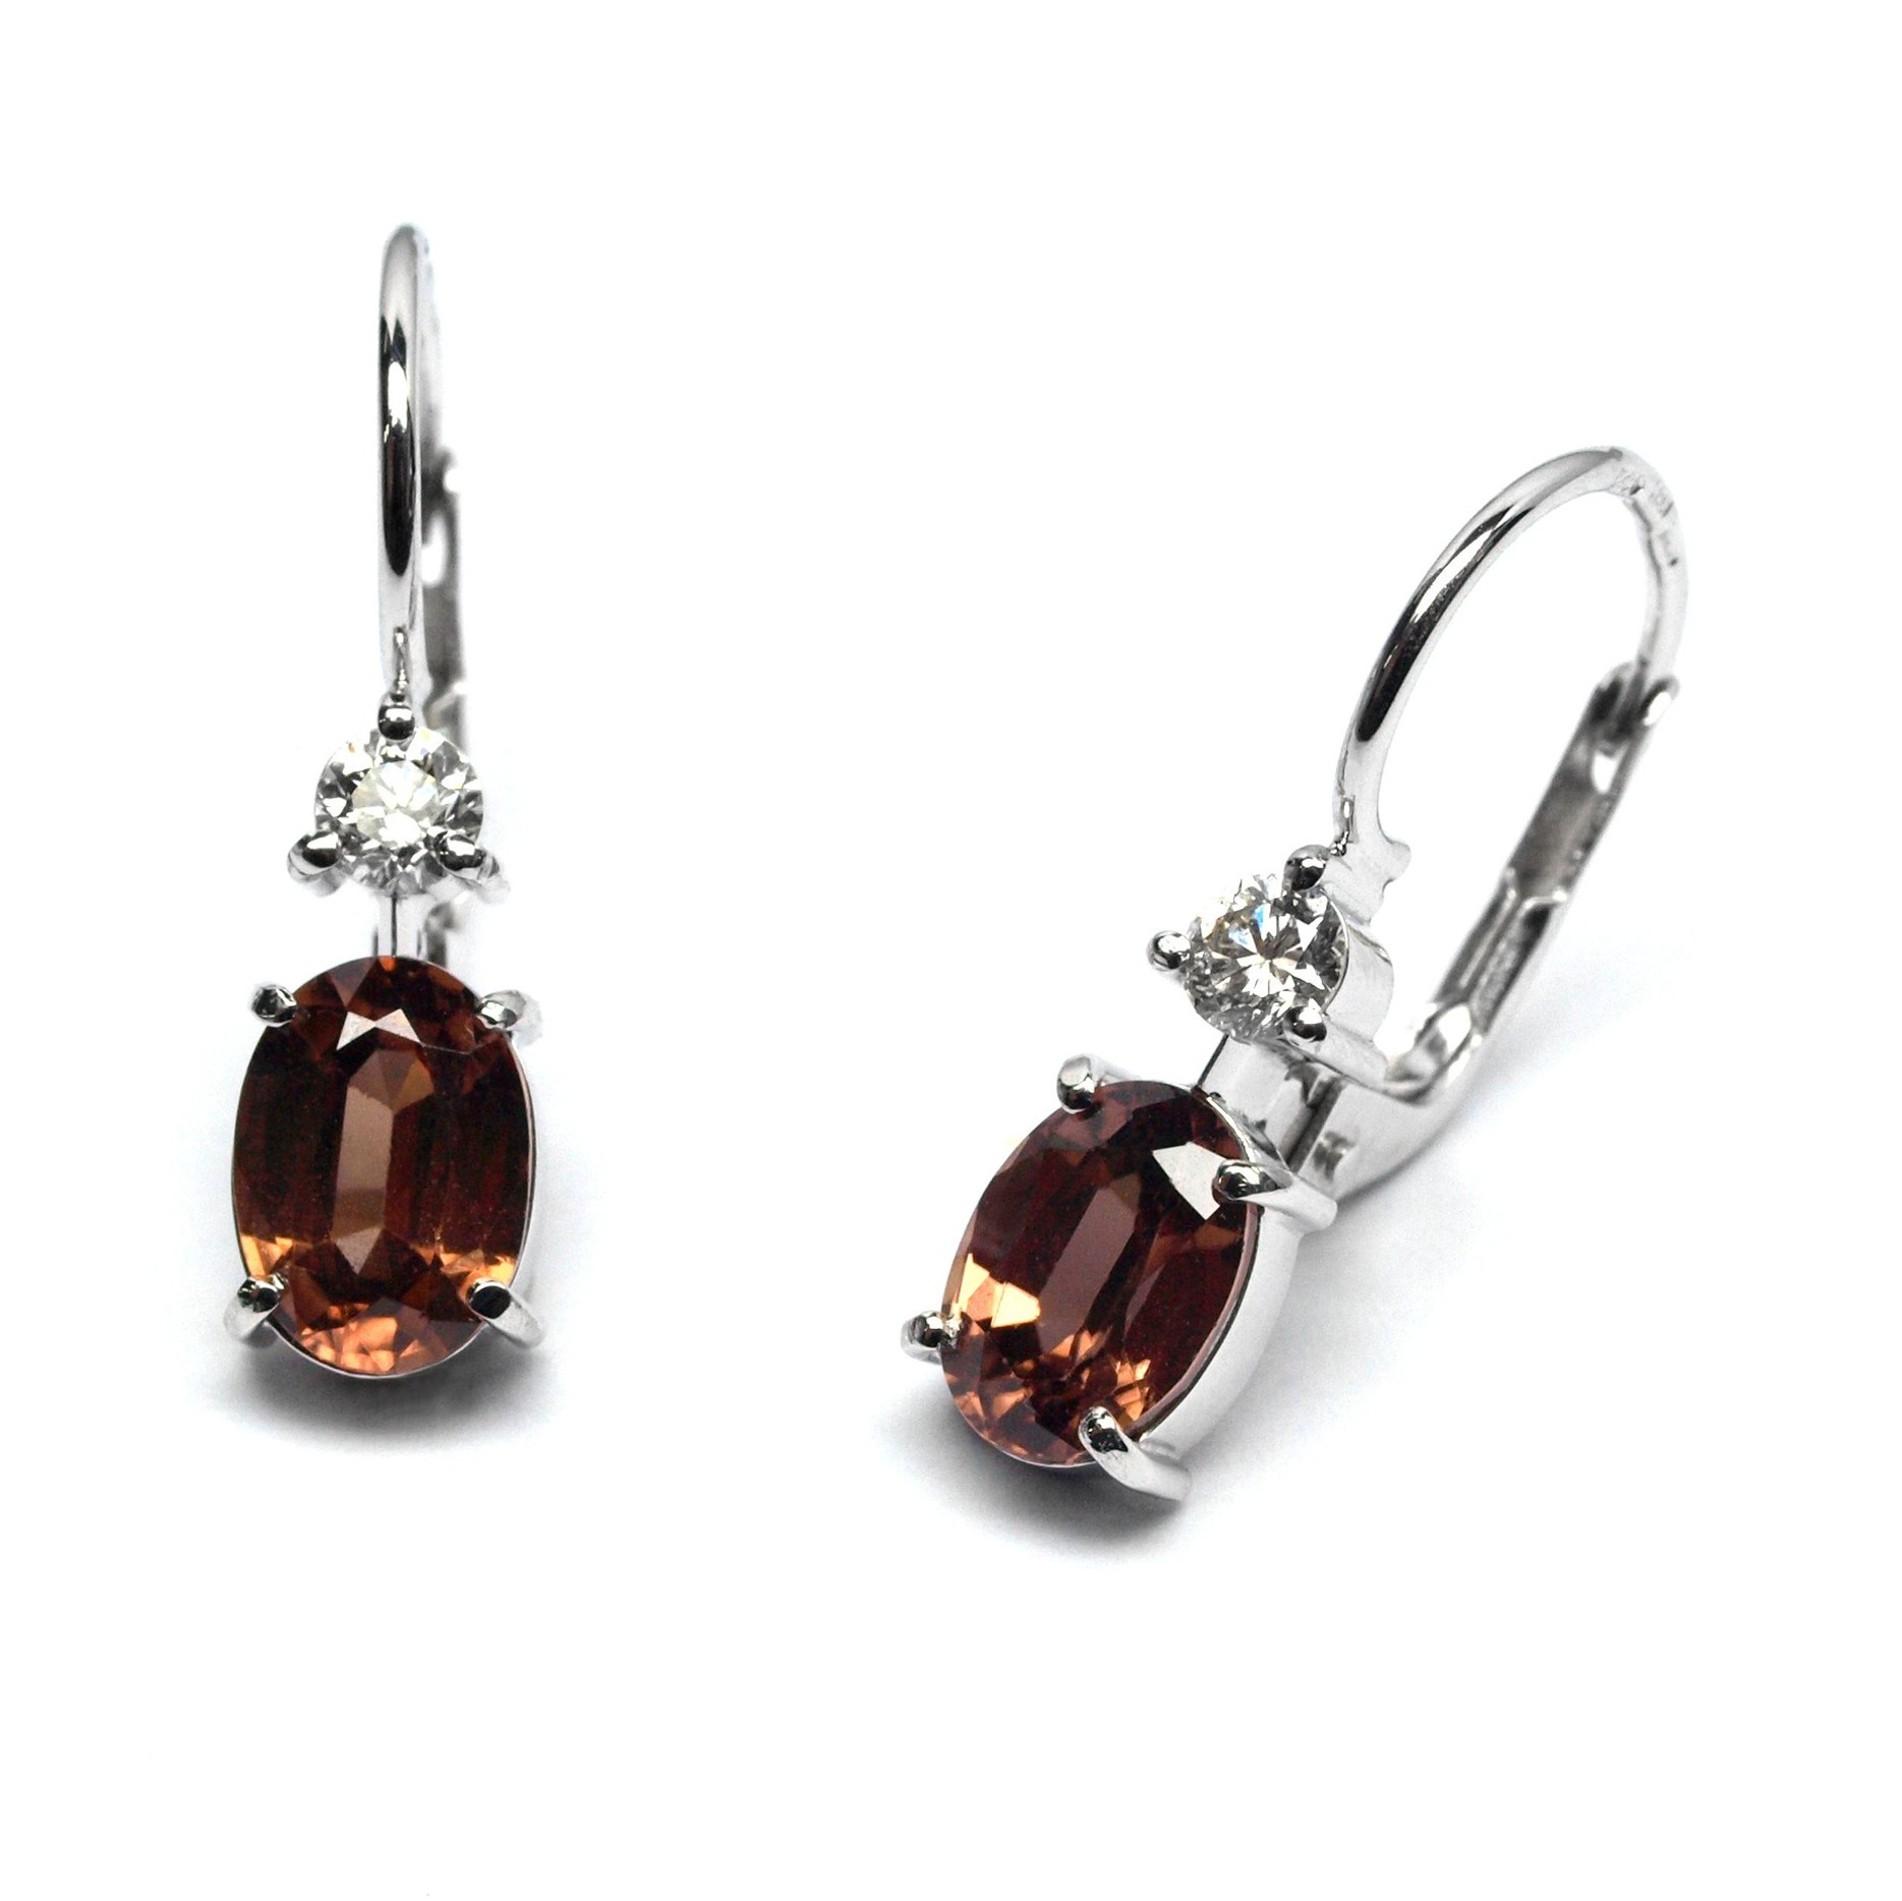 2e3038711f4 Ručně vyrobené náušnice z bílého zlata s přírodním zirkonem a diamantem  J-28442- (